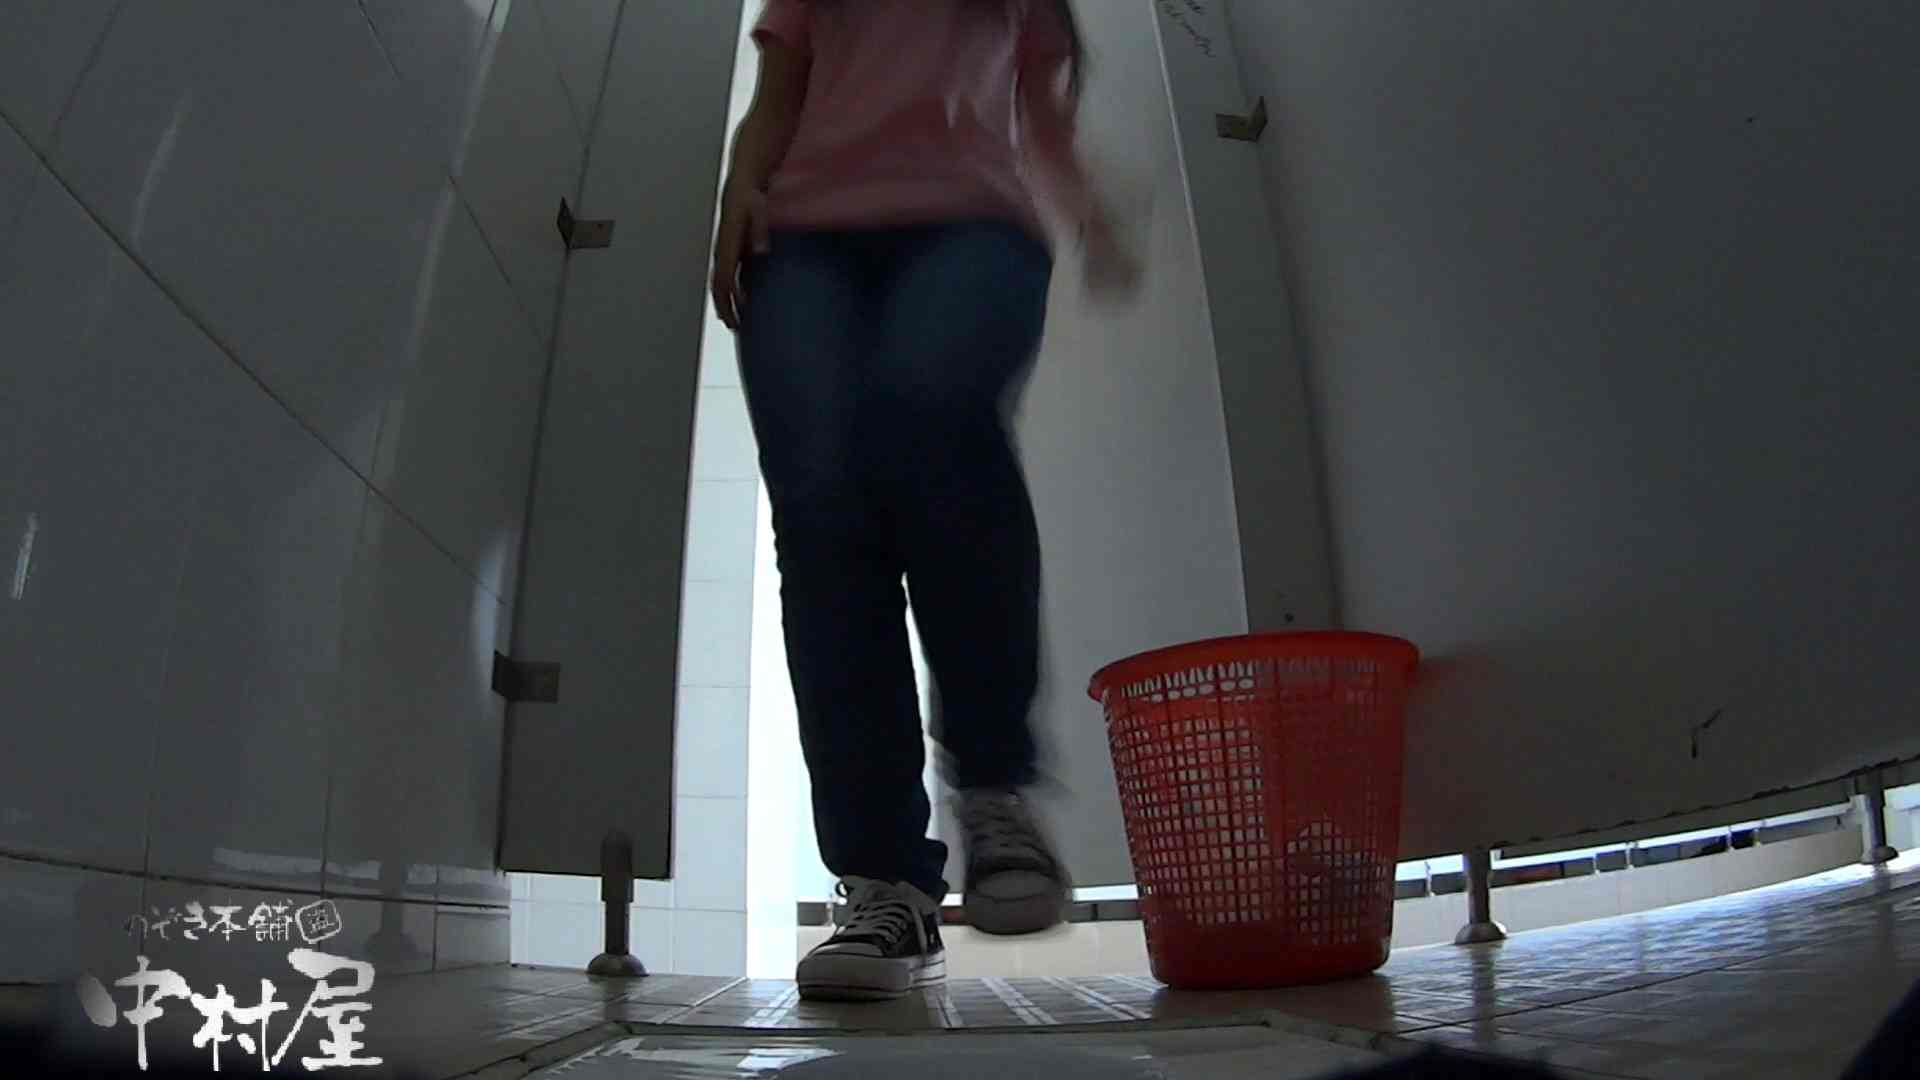 アジアンビューティー達の聖水 大学休憩時間の洗面所事情24 洗面所編 濡れ場動画紹介 76PIX 70